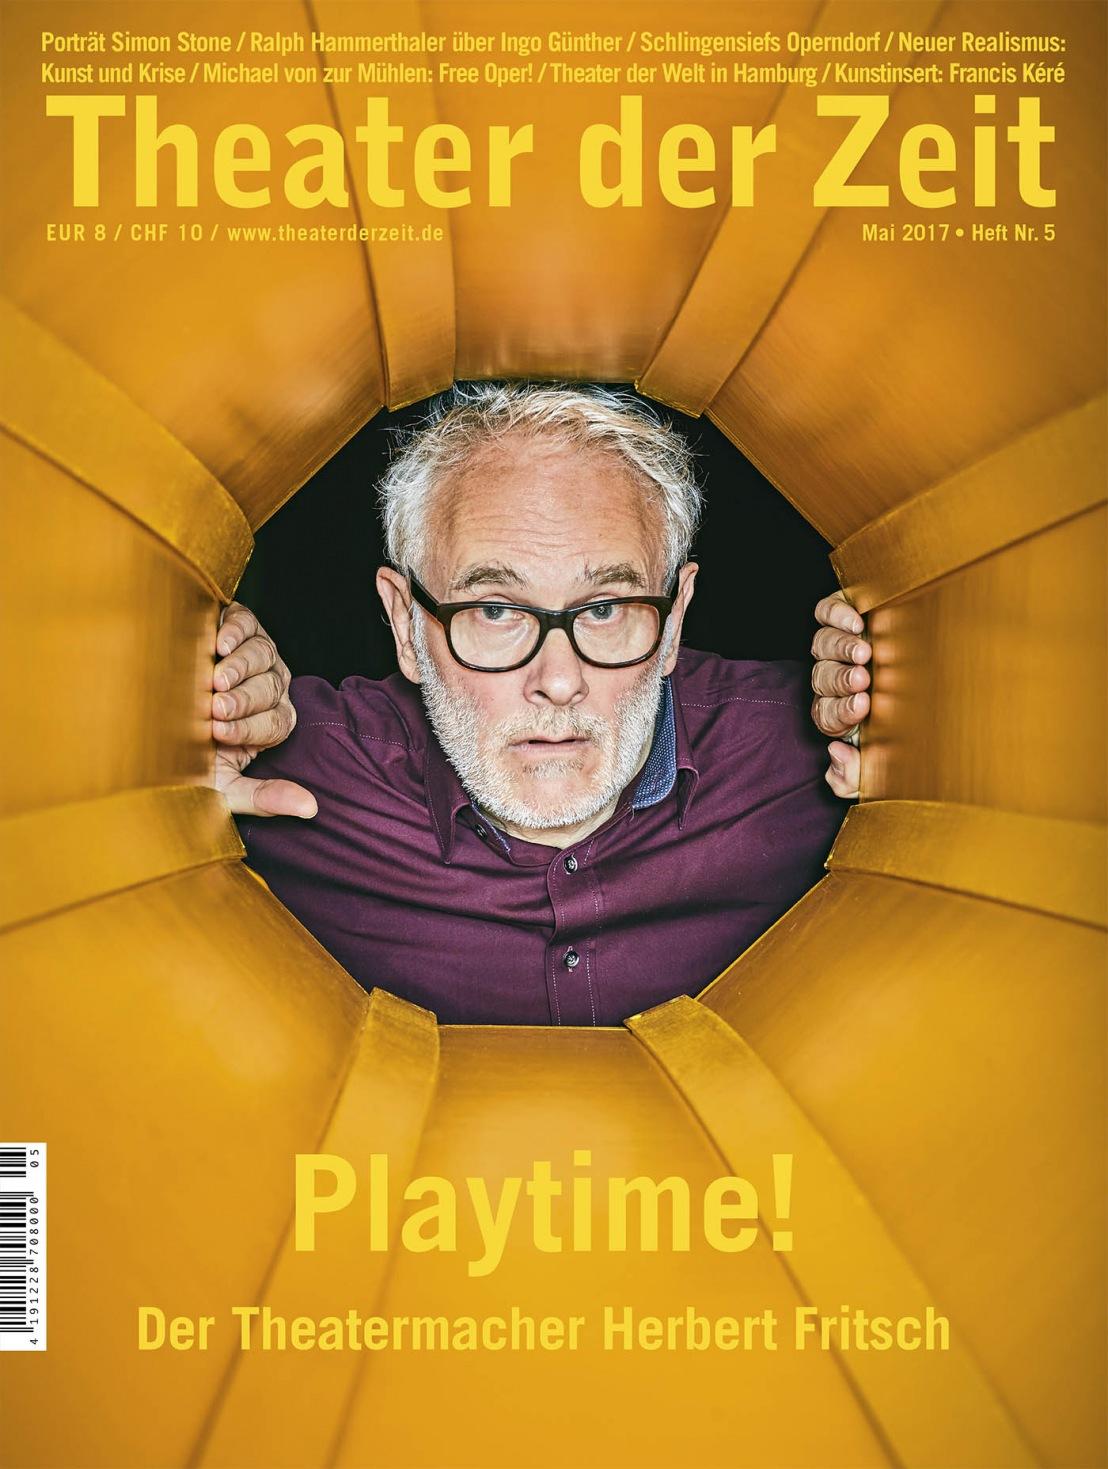 Theater der Zeit 5/2017